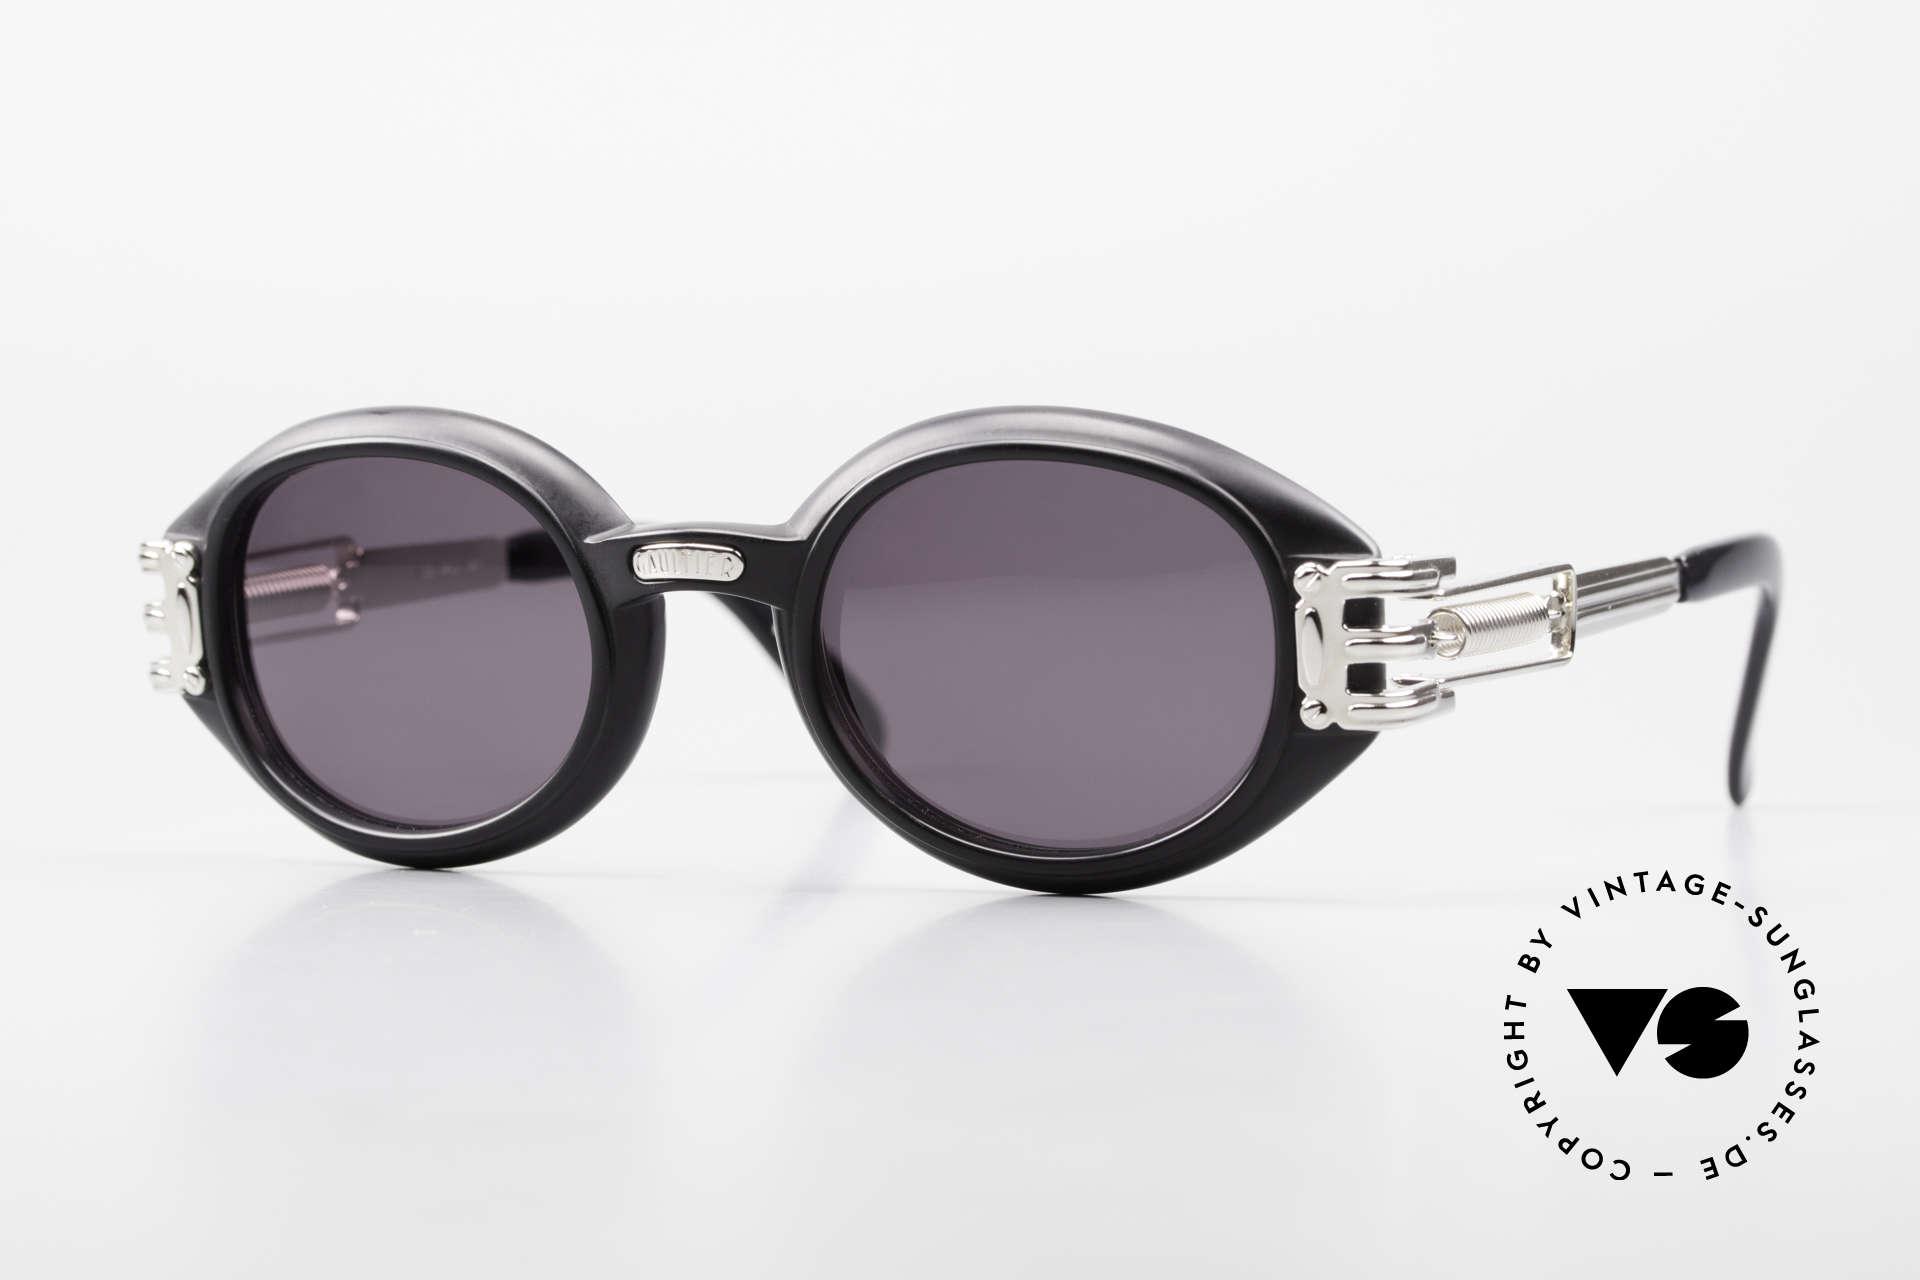 Jean Paul Gaultier 56-5203 Steampunk Sonnenbrille 90er, vintage 1990er Jean Paul Gaultier Kultsonnenbrille, Passend für Herren und Damen